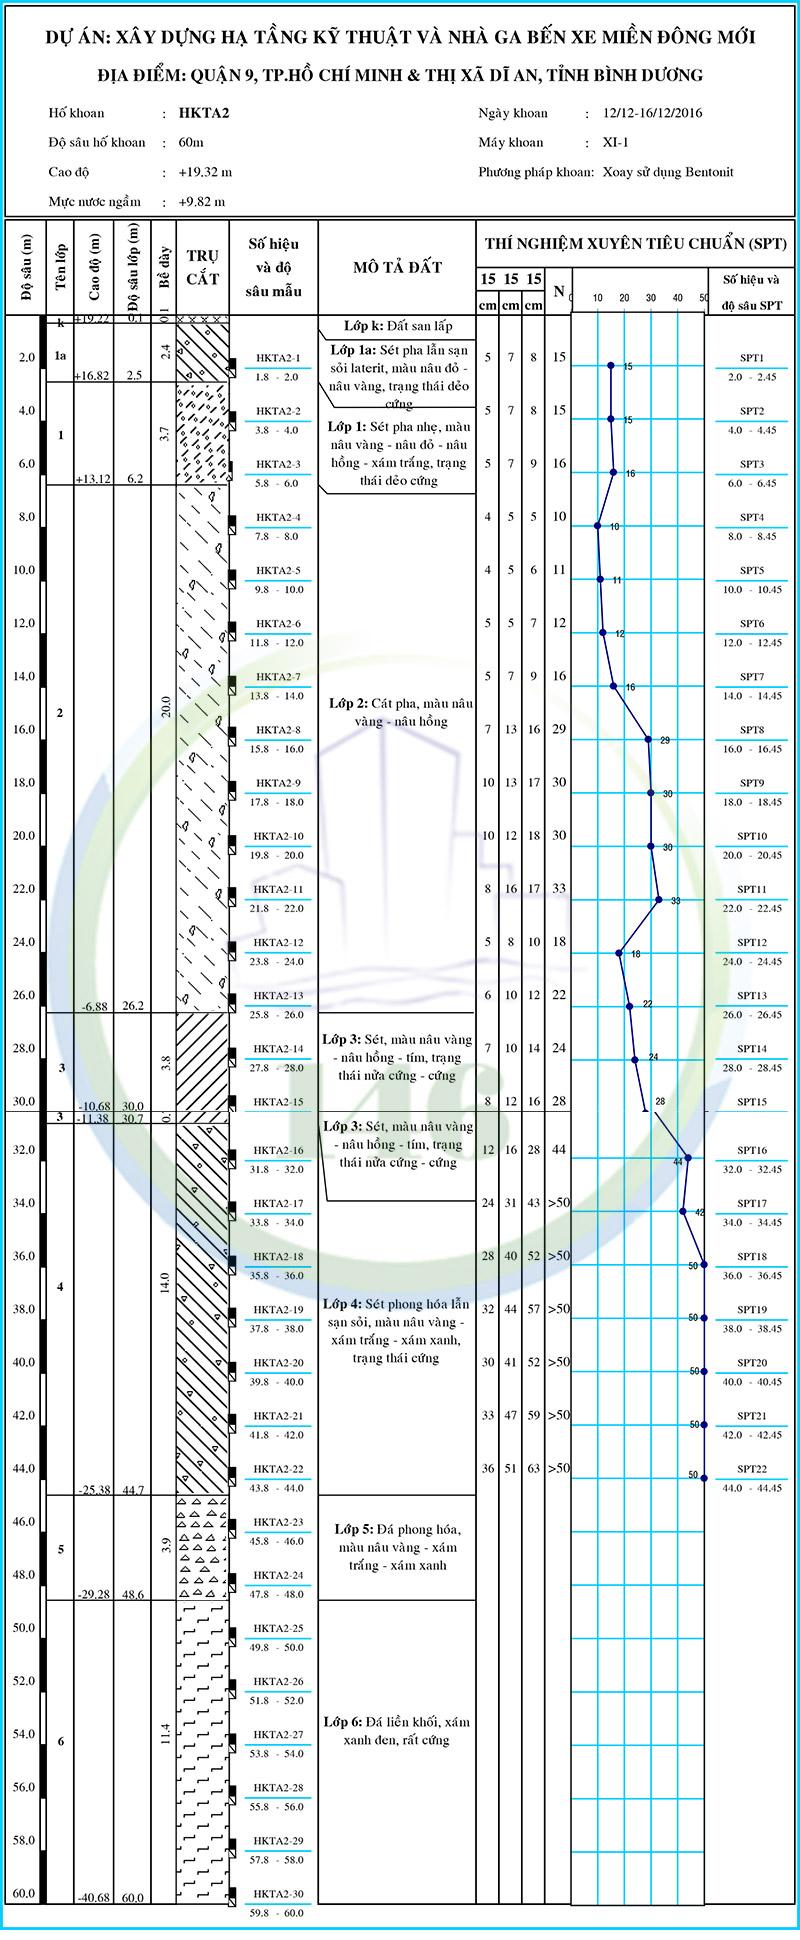 địa tầng bến xe miền đông mới (2)